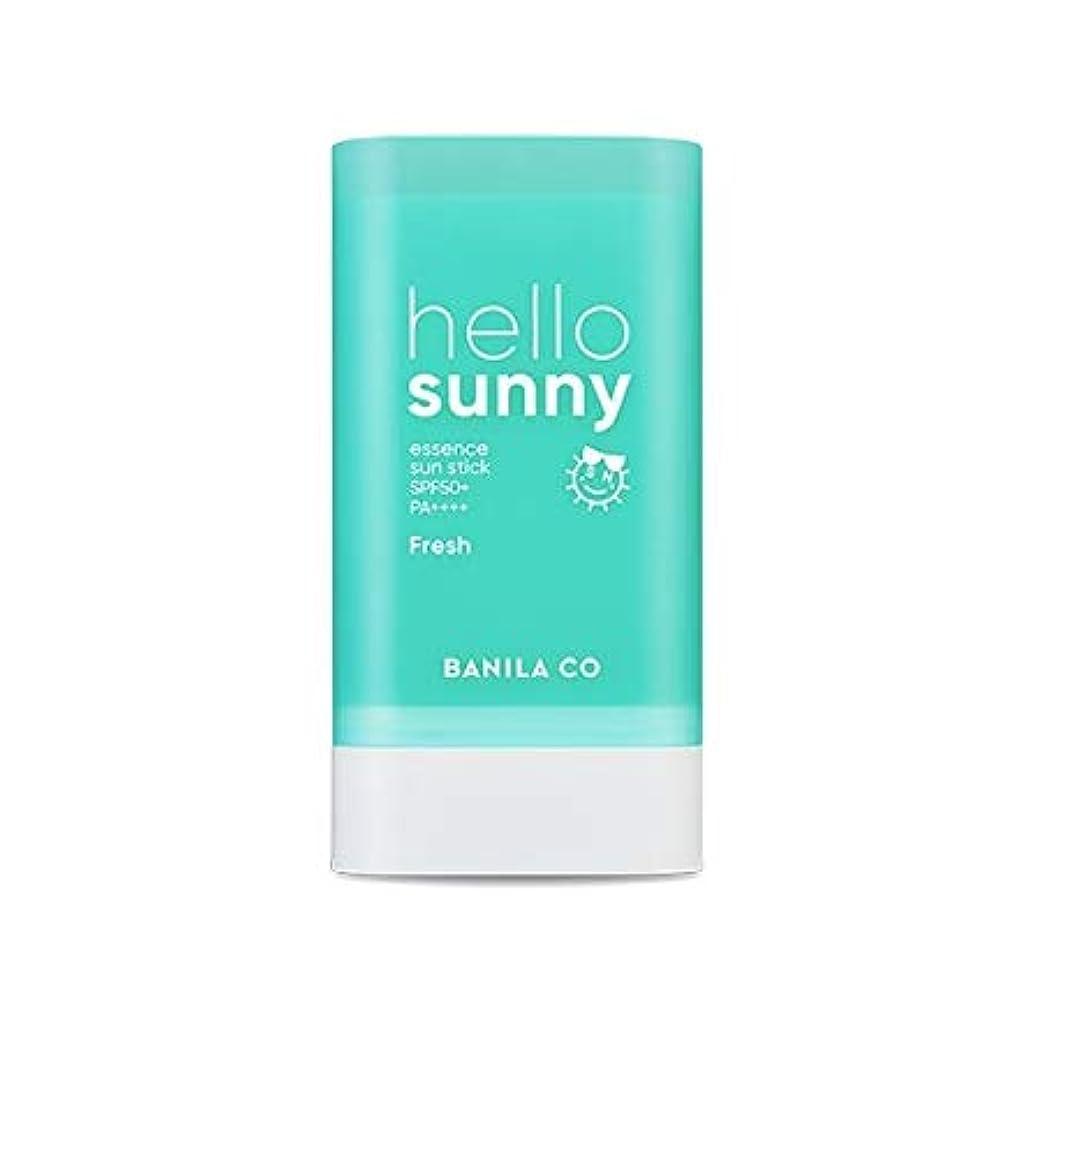 女性ゲートウェイ女の子banilaco ハローサニーエッセンスサンスティックフレッシュ/Hello Sunny Essence SunStick Fresh 18.5g [並行輸入品]